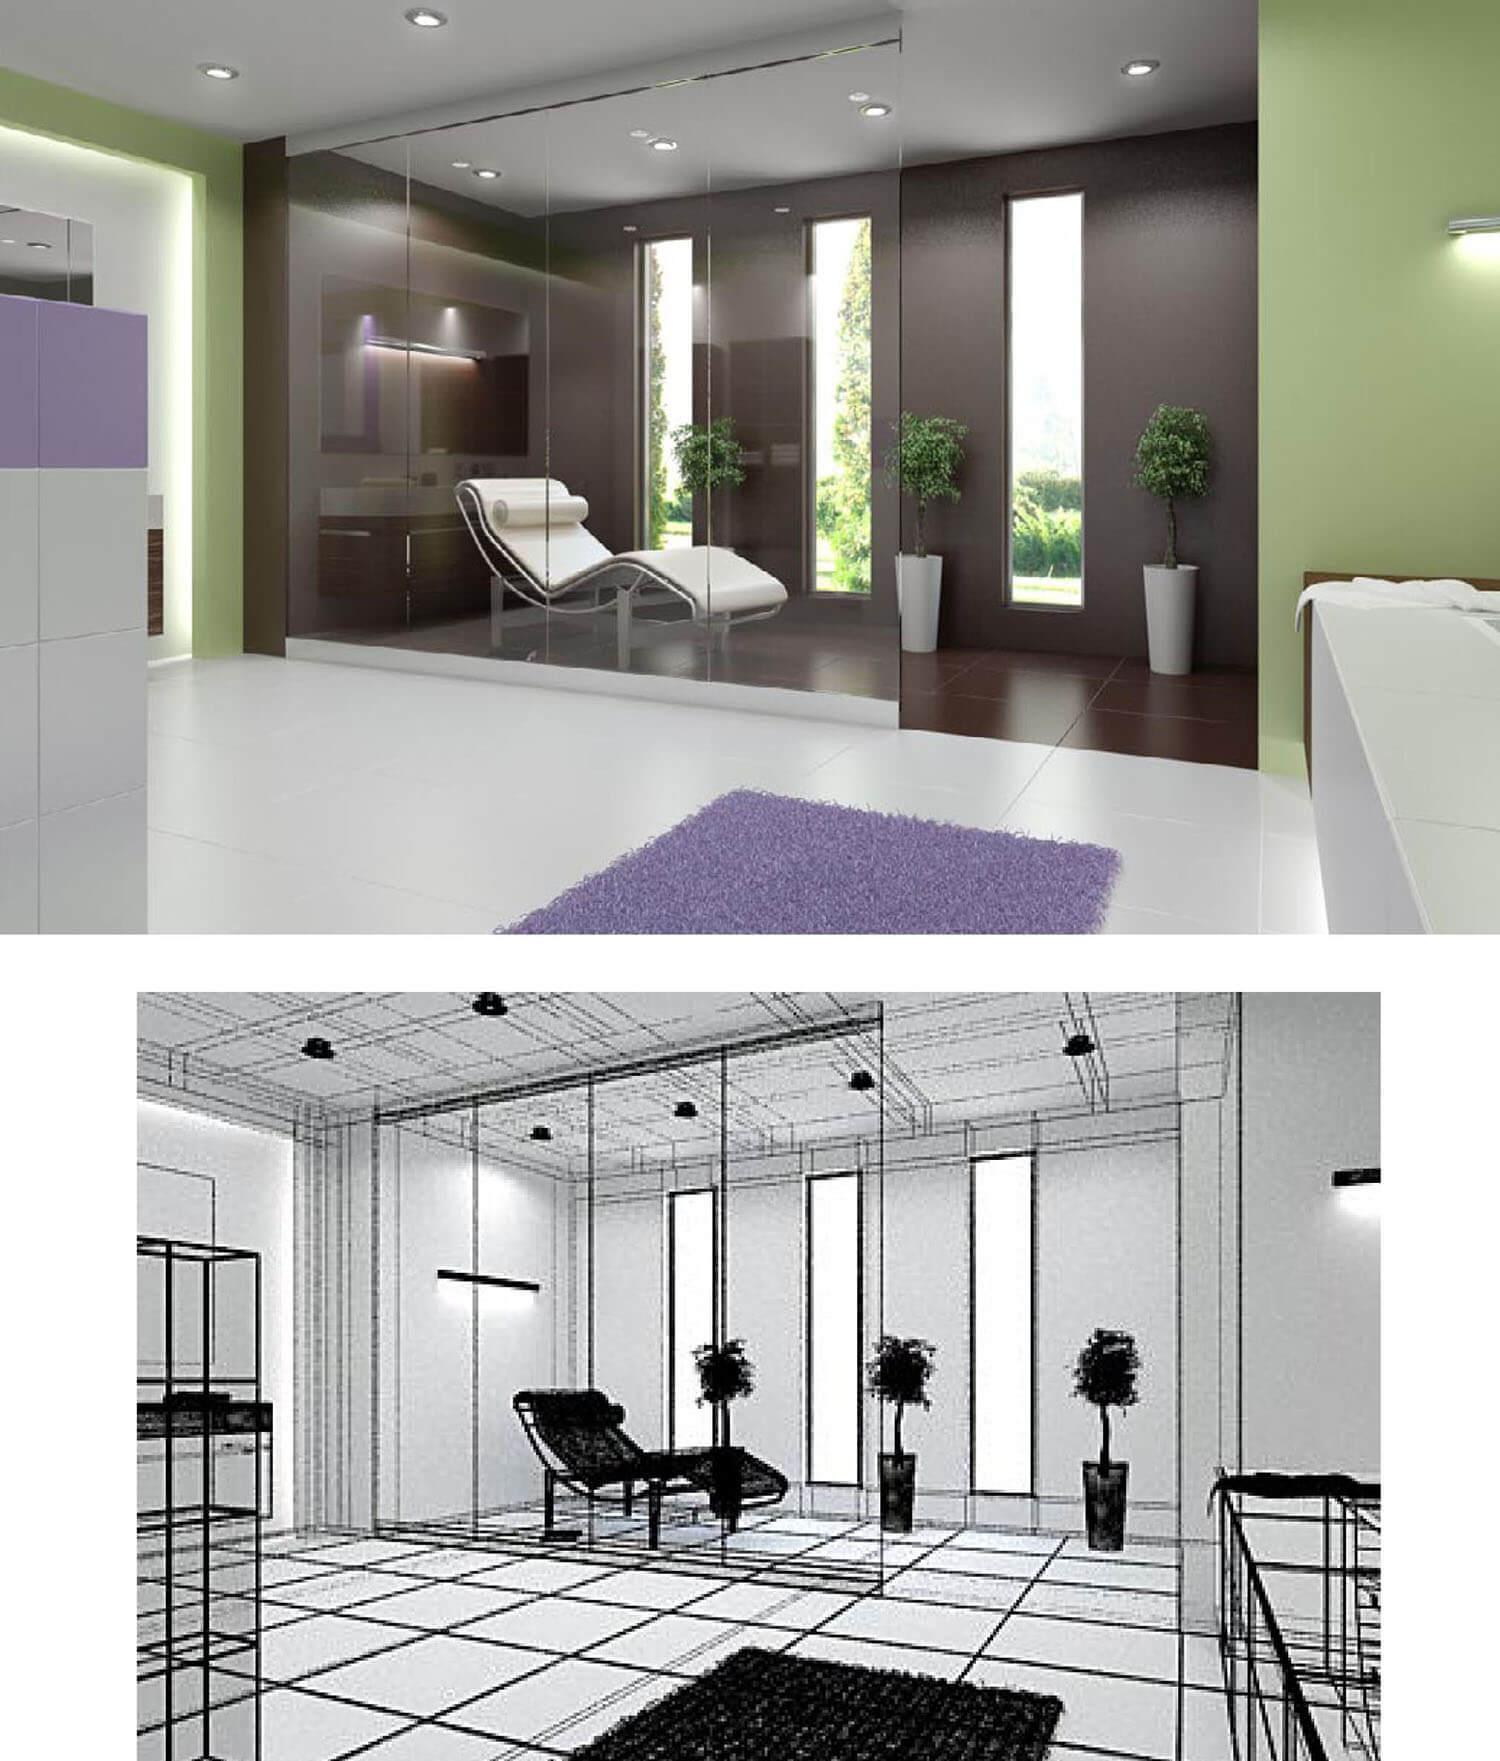 Phòng tắm được trang trí nội thất khéo léo với cây